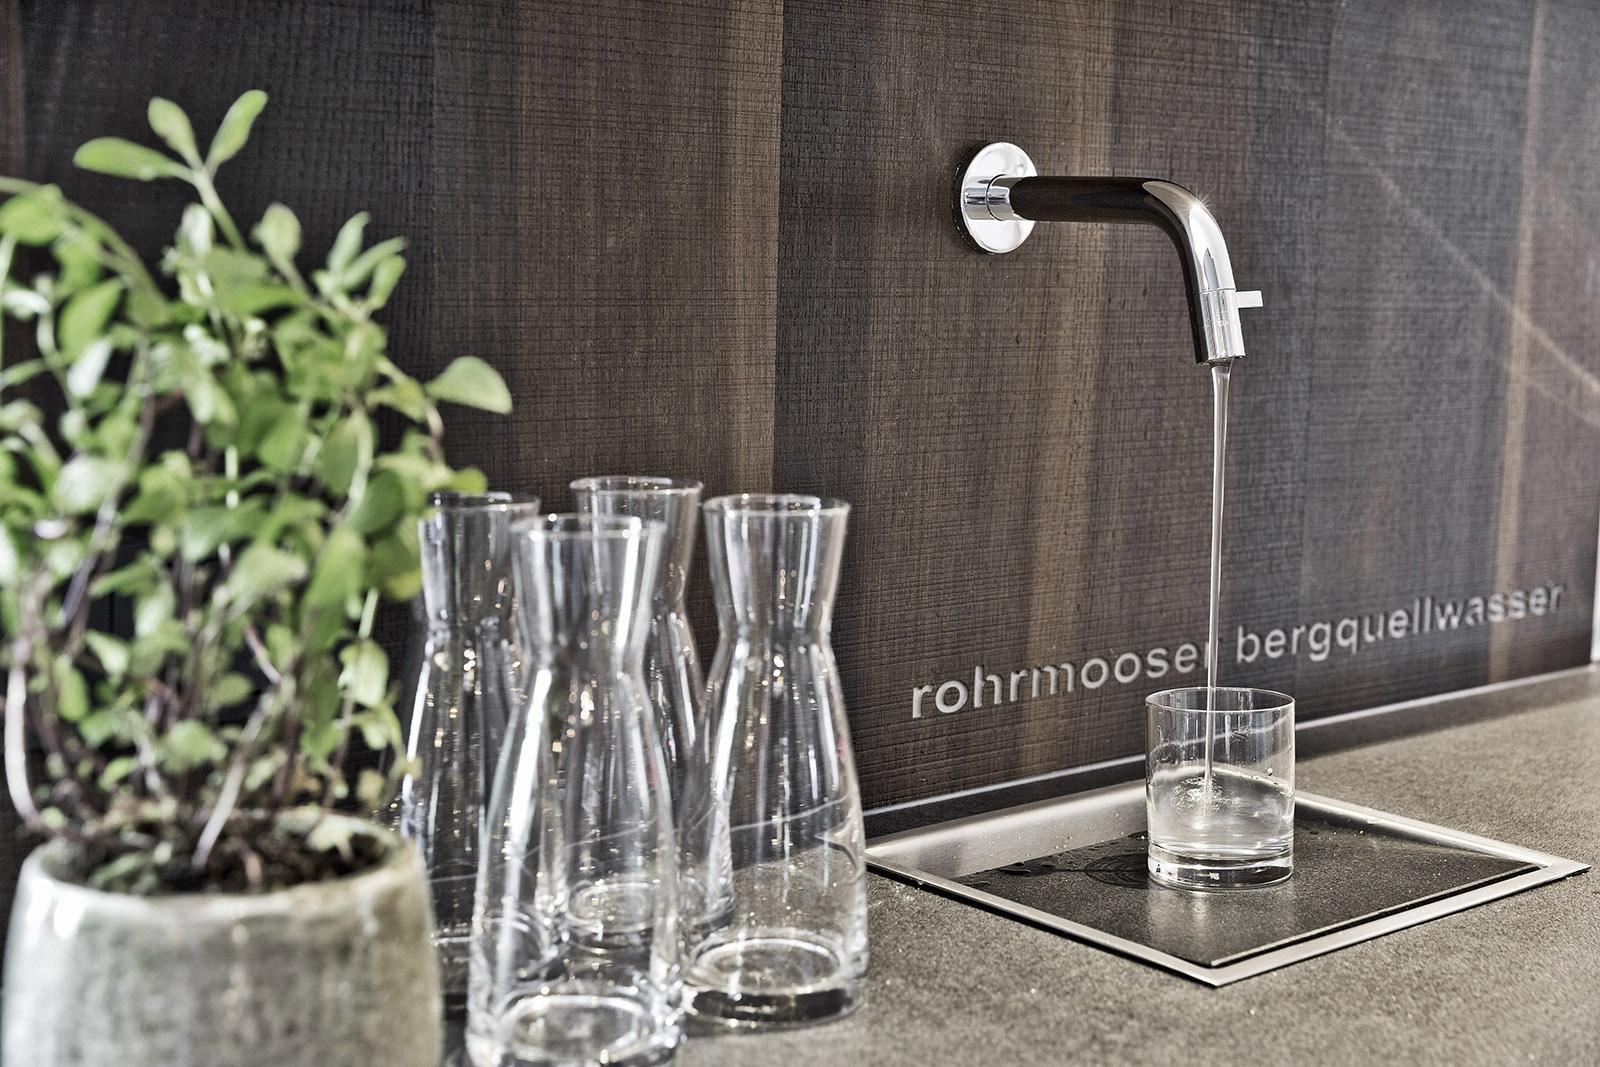 ARX Hotel bietet Bergquellwasser aus dem Wasserhahn mit Gläsern und Karaffen